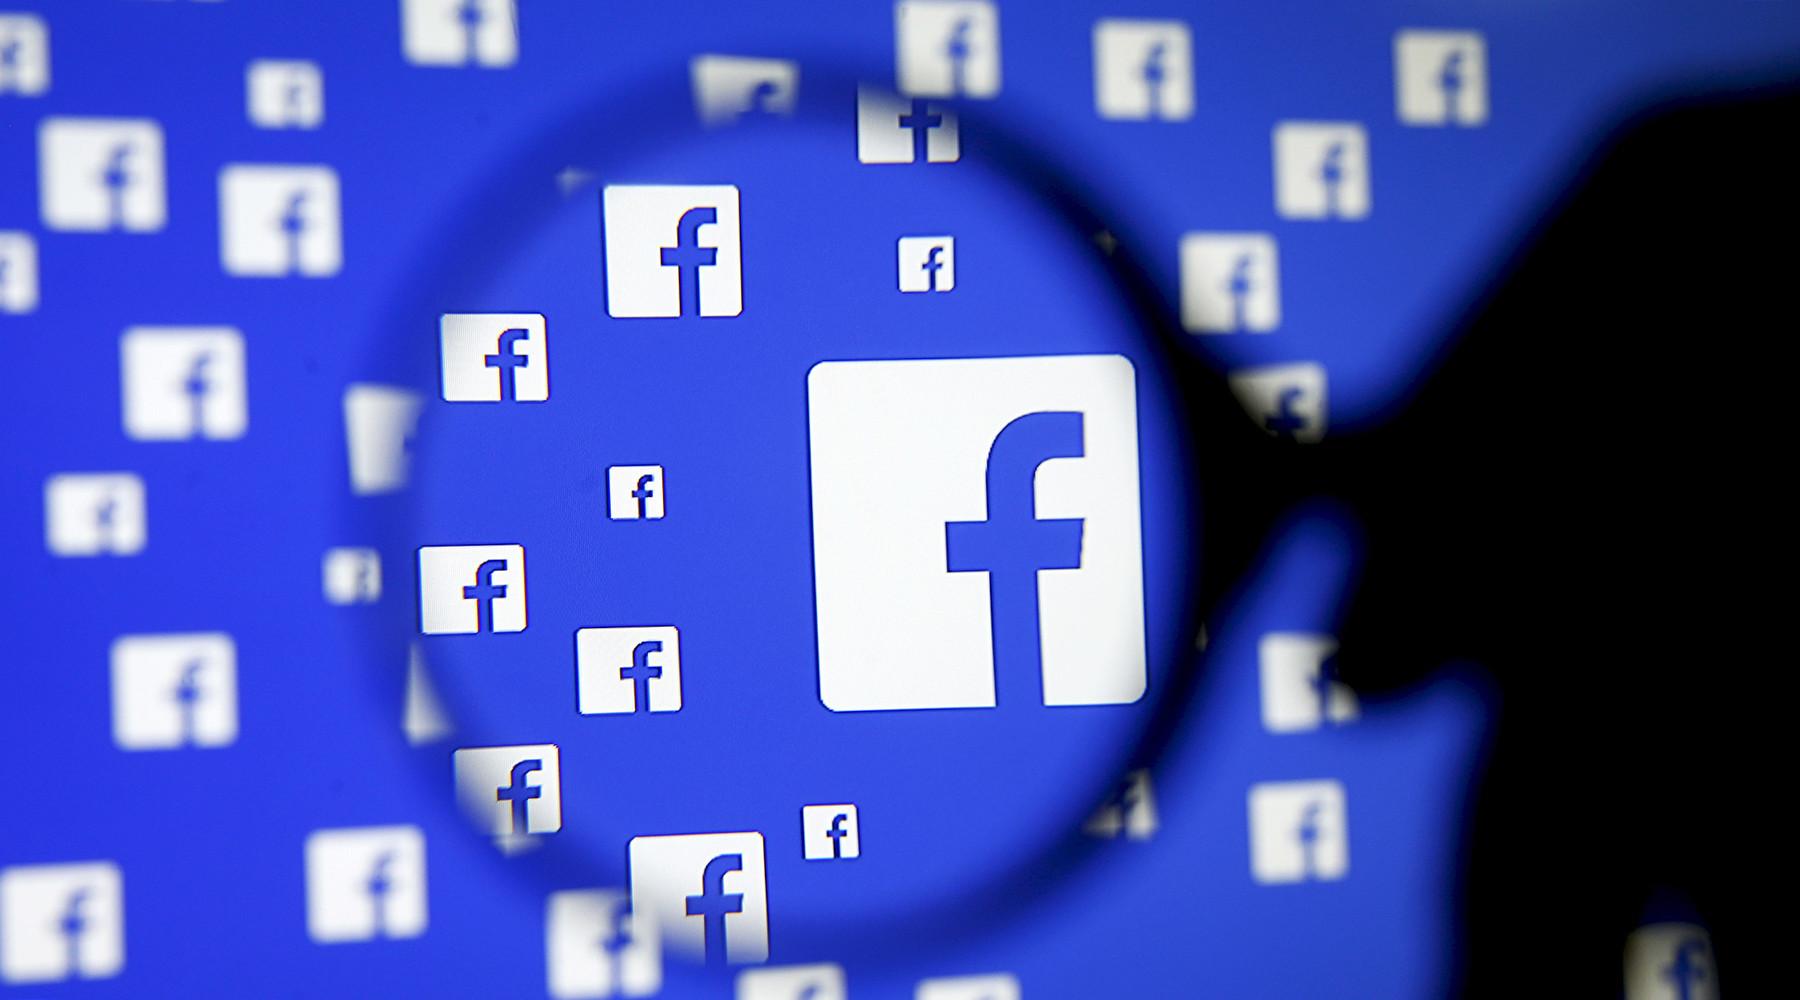 Социальная сеть Facebook передаст в съезд США данные орекламных объявлениях граждан России